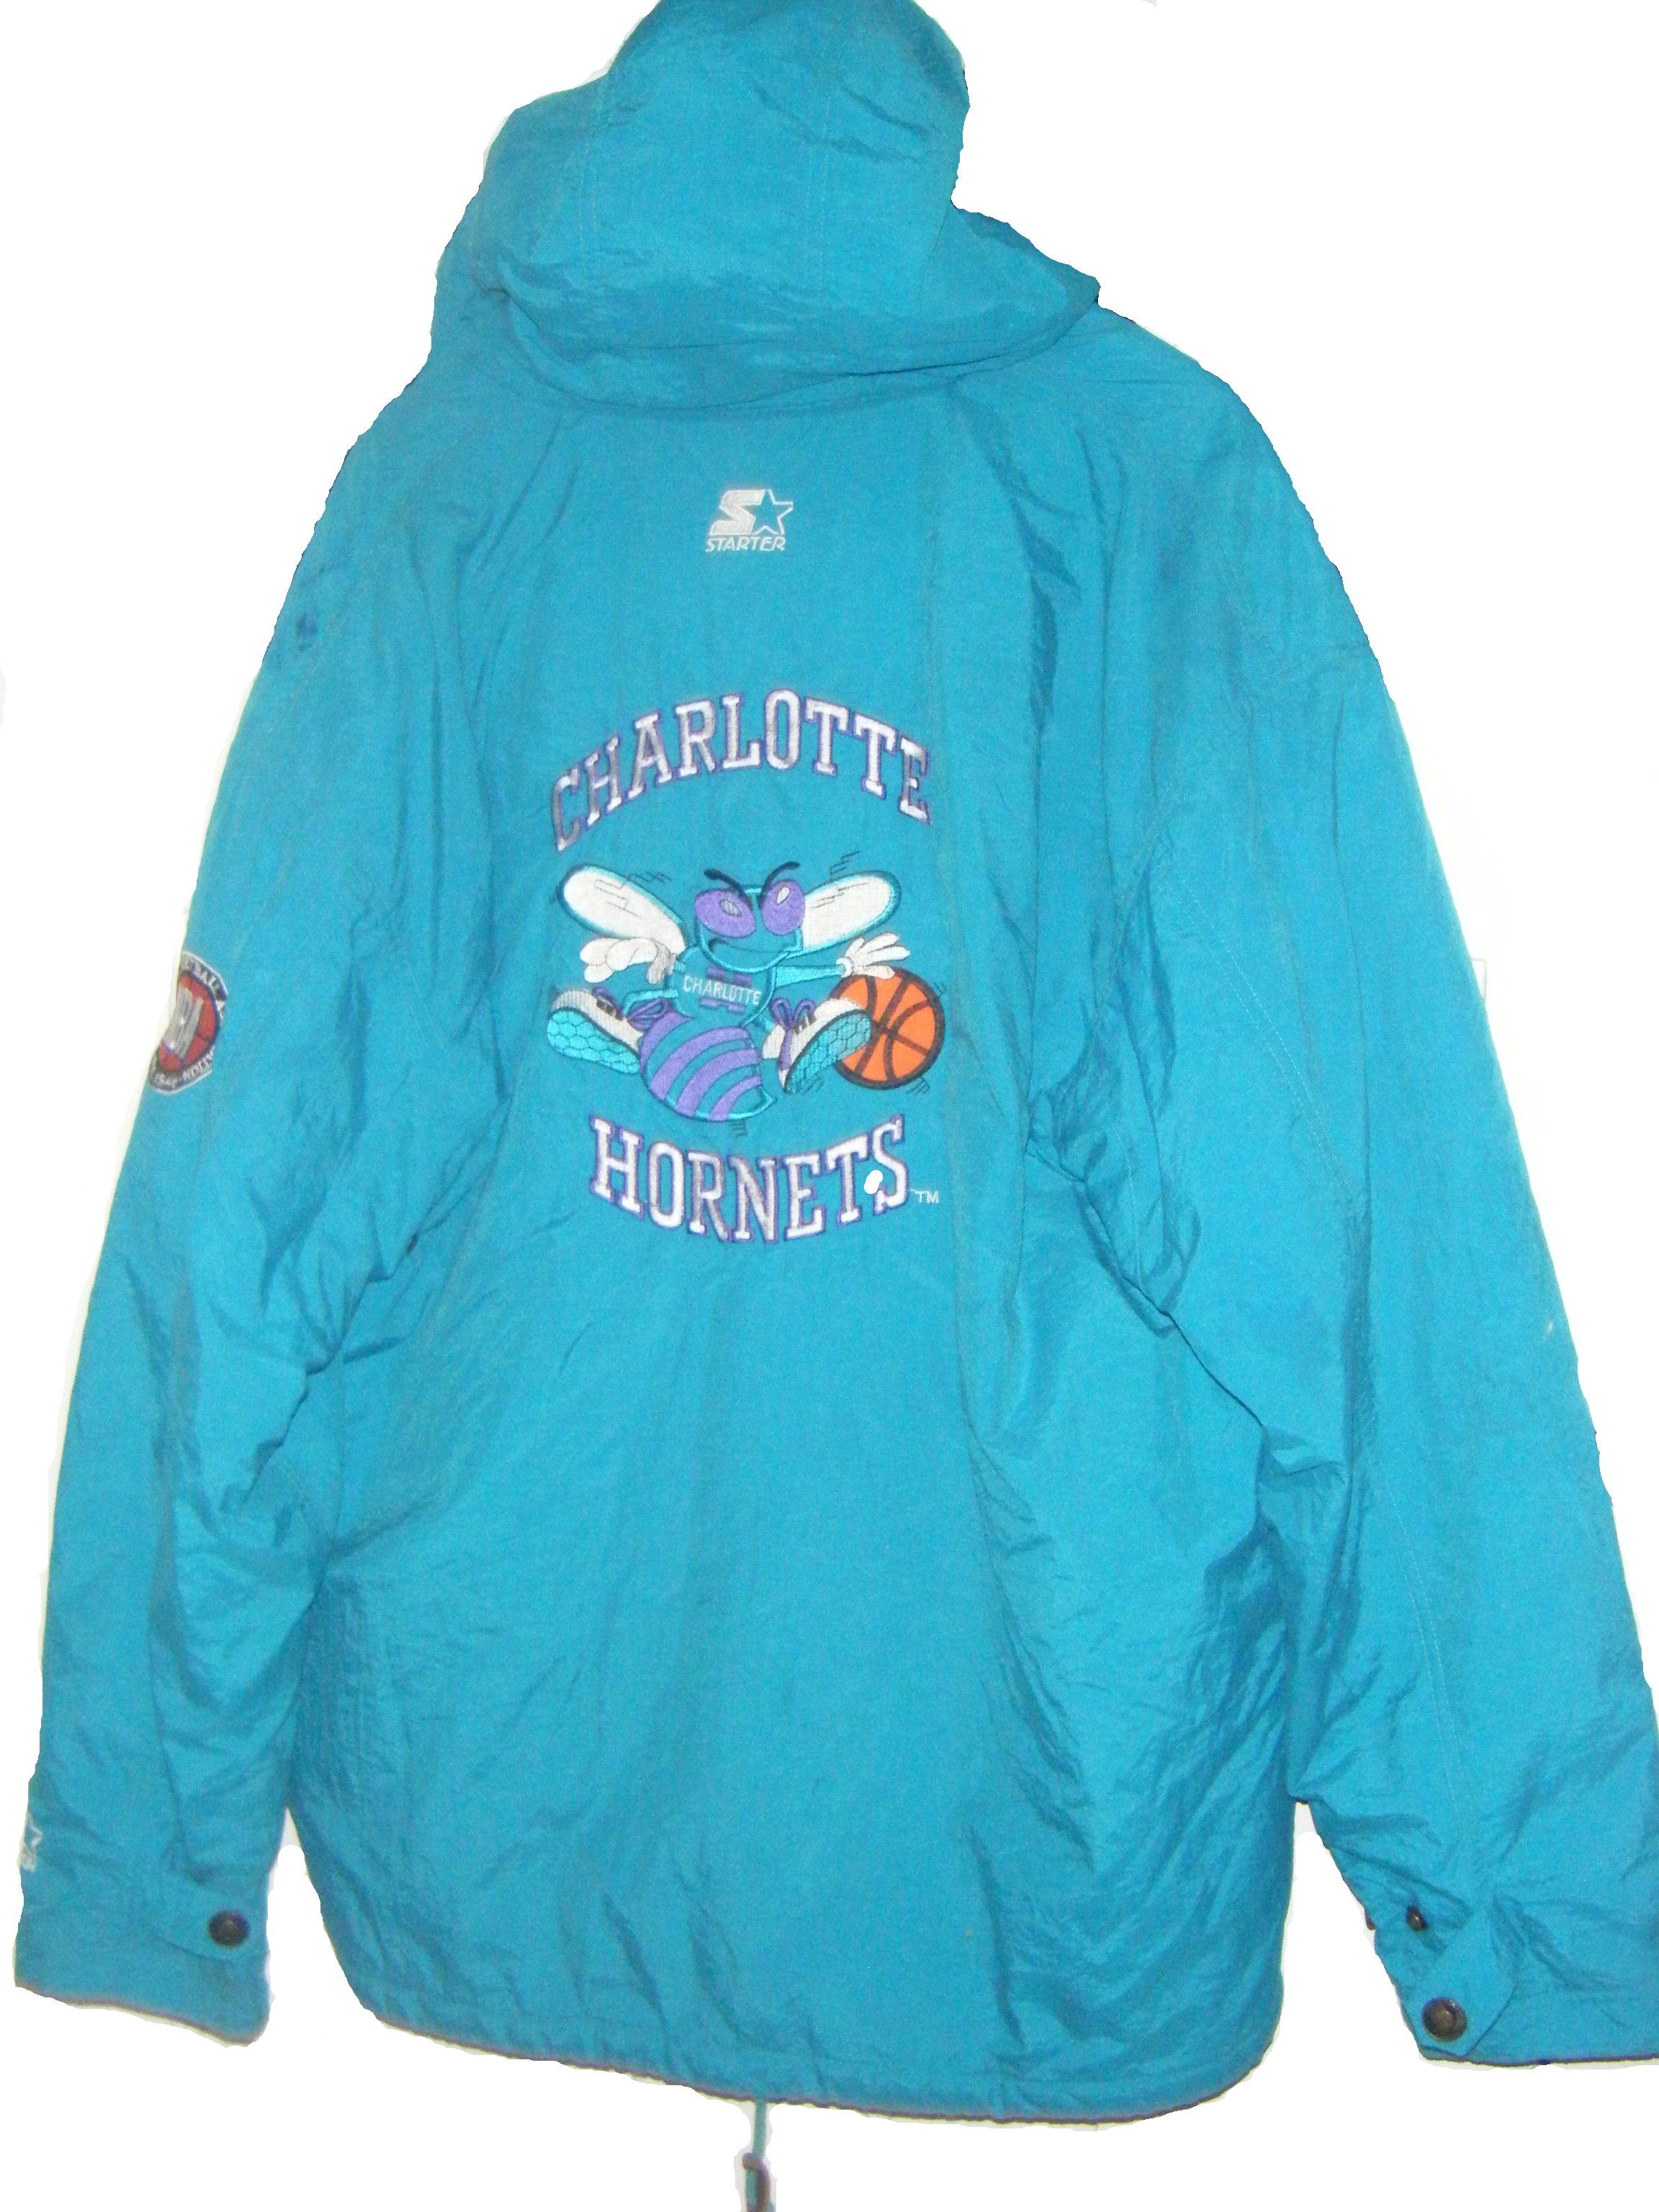 charlotte hornets starter jacket vintage hot girls wallpaper. Black Bedroom Furniture Sets. Home Design Ideas